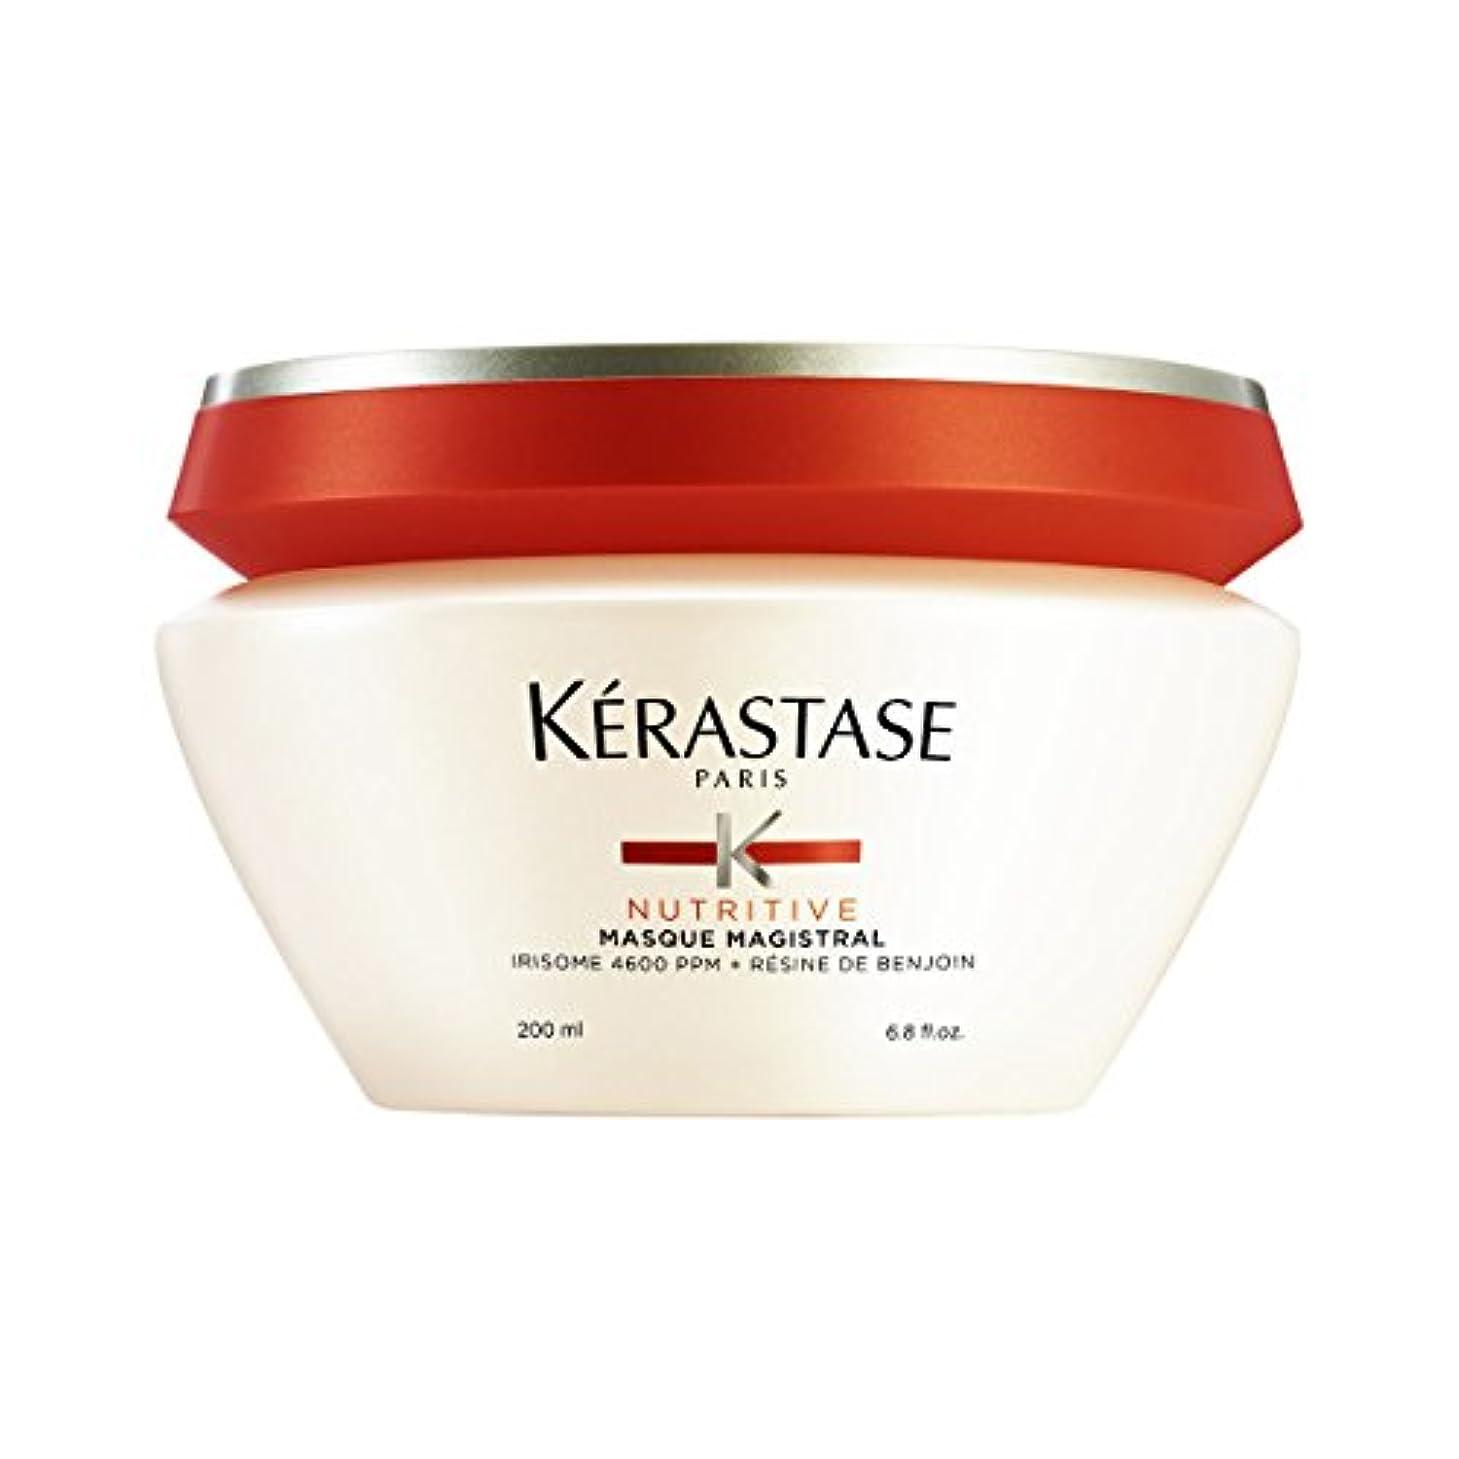 後継姿を消す請求可能K駻astase Nutritive Masque Magistral Hair Mask 200ml [並行輸入品]